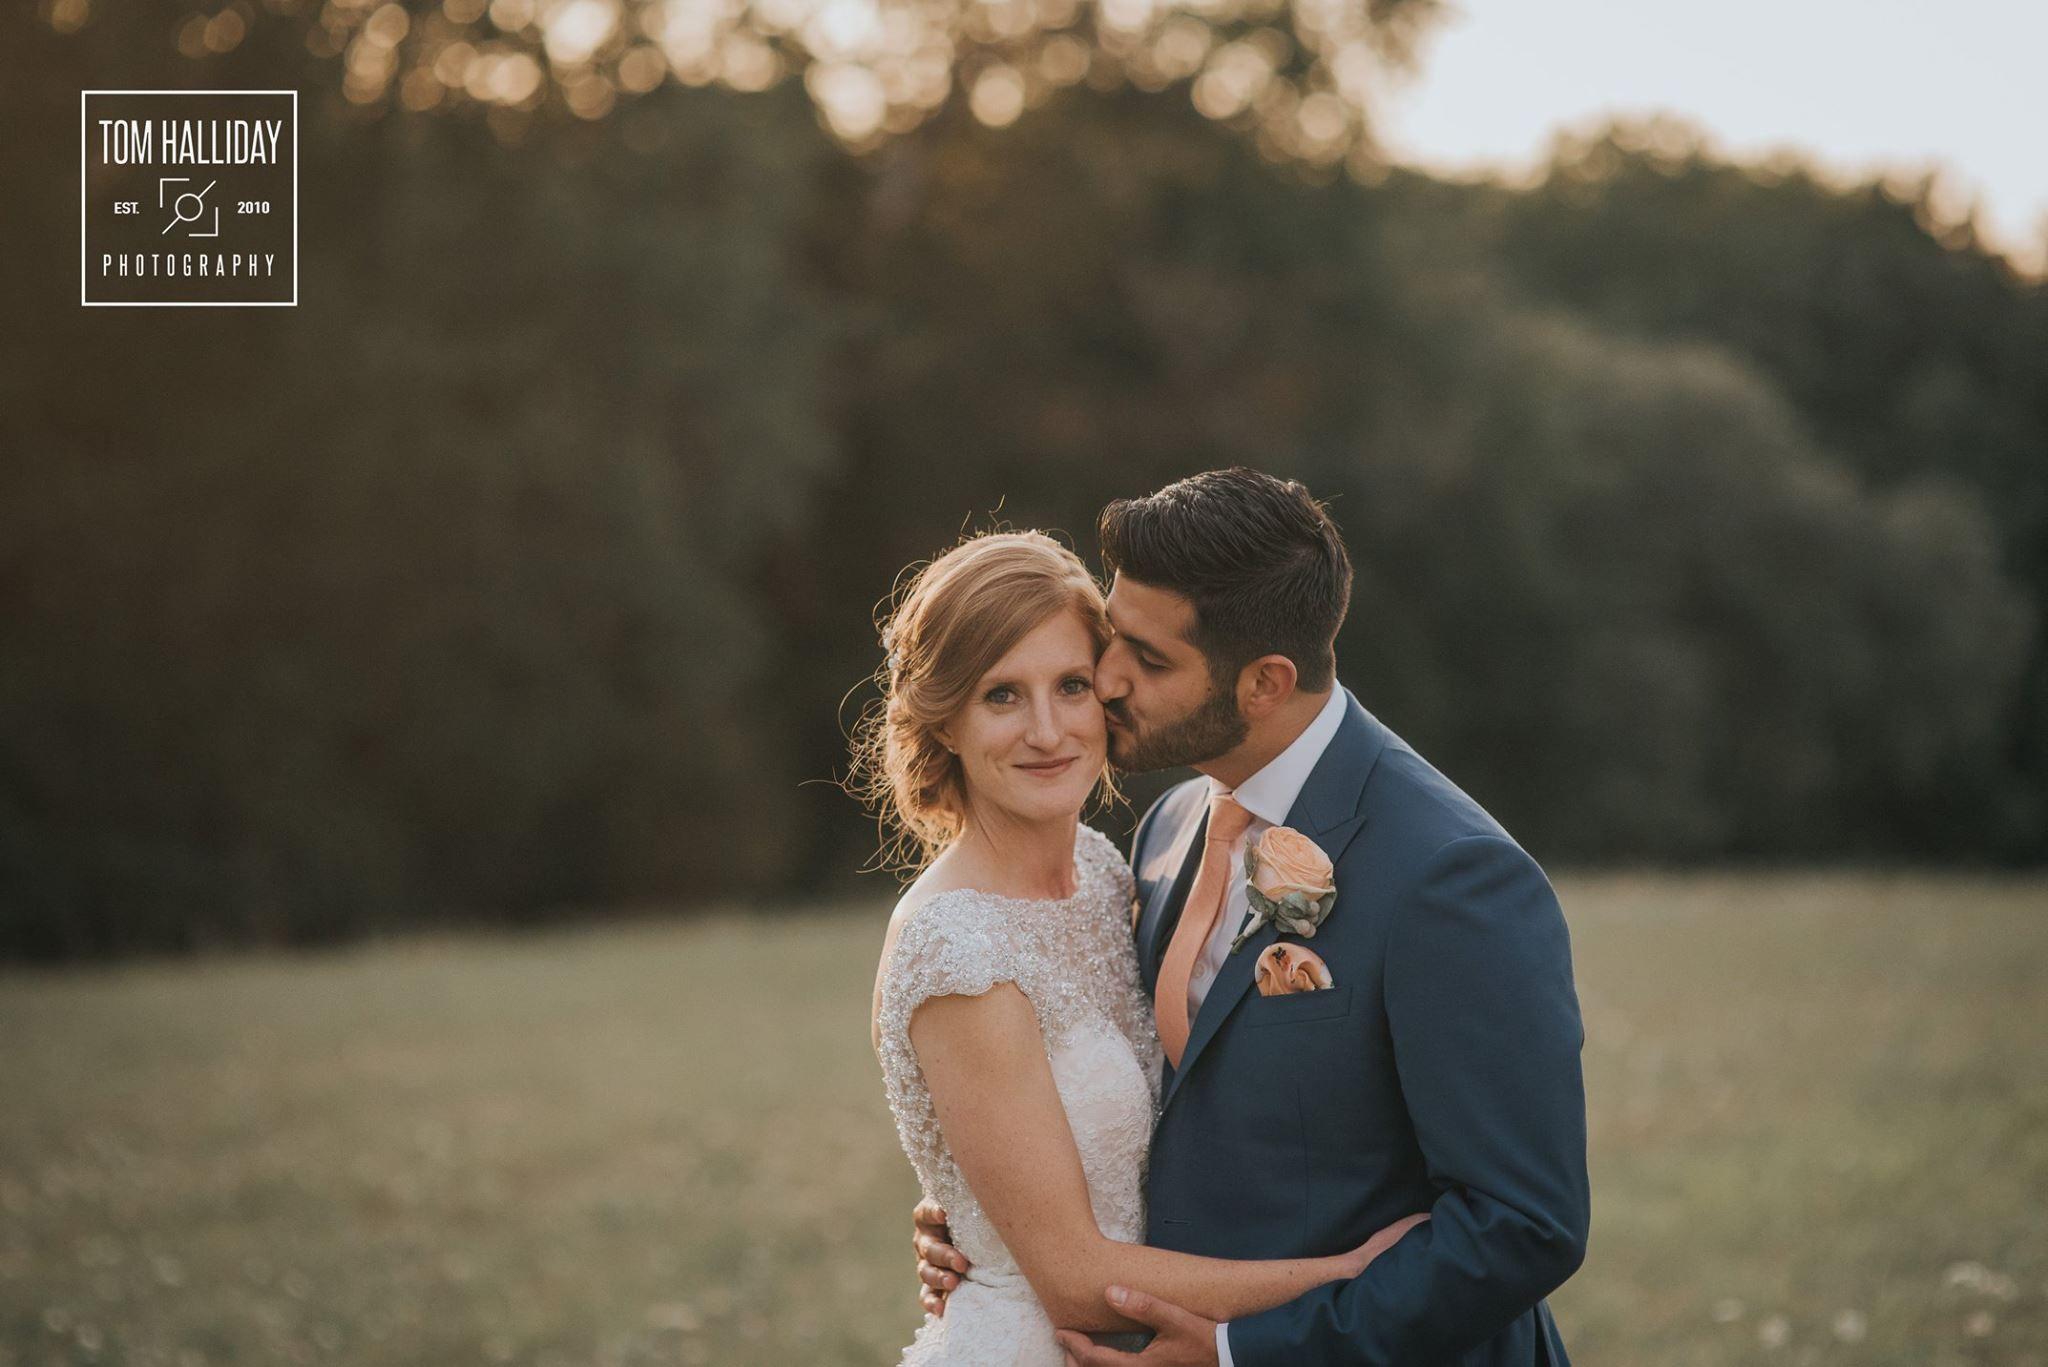 Tom halliday photography wedding photography uk bride portraits